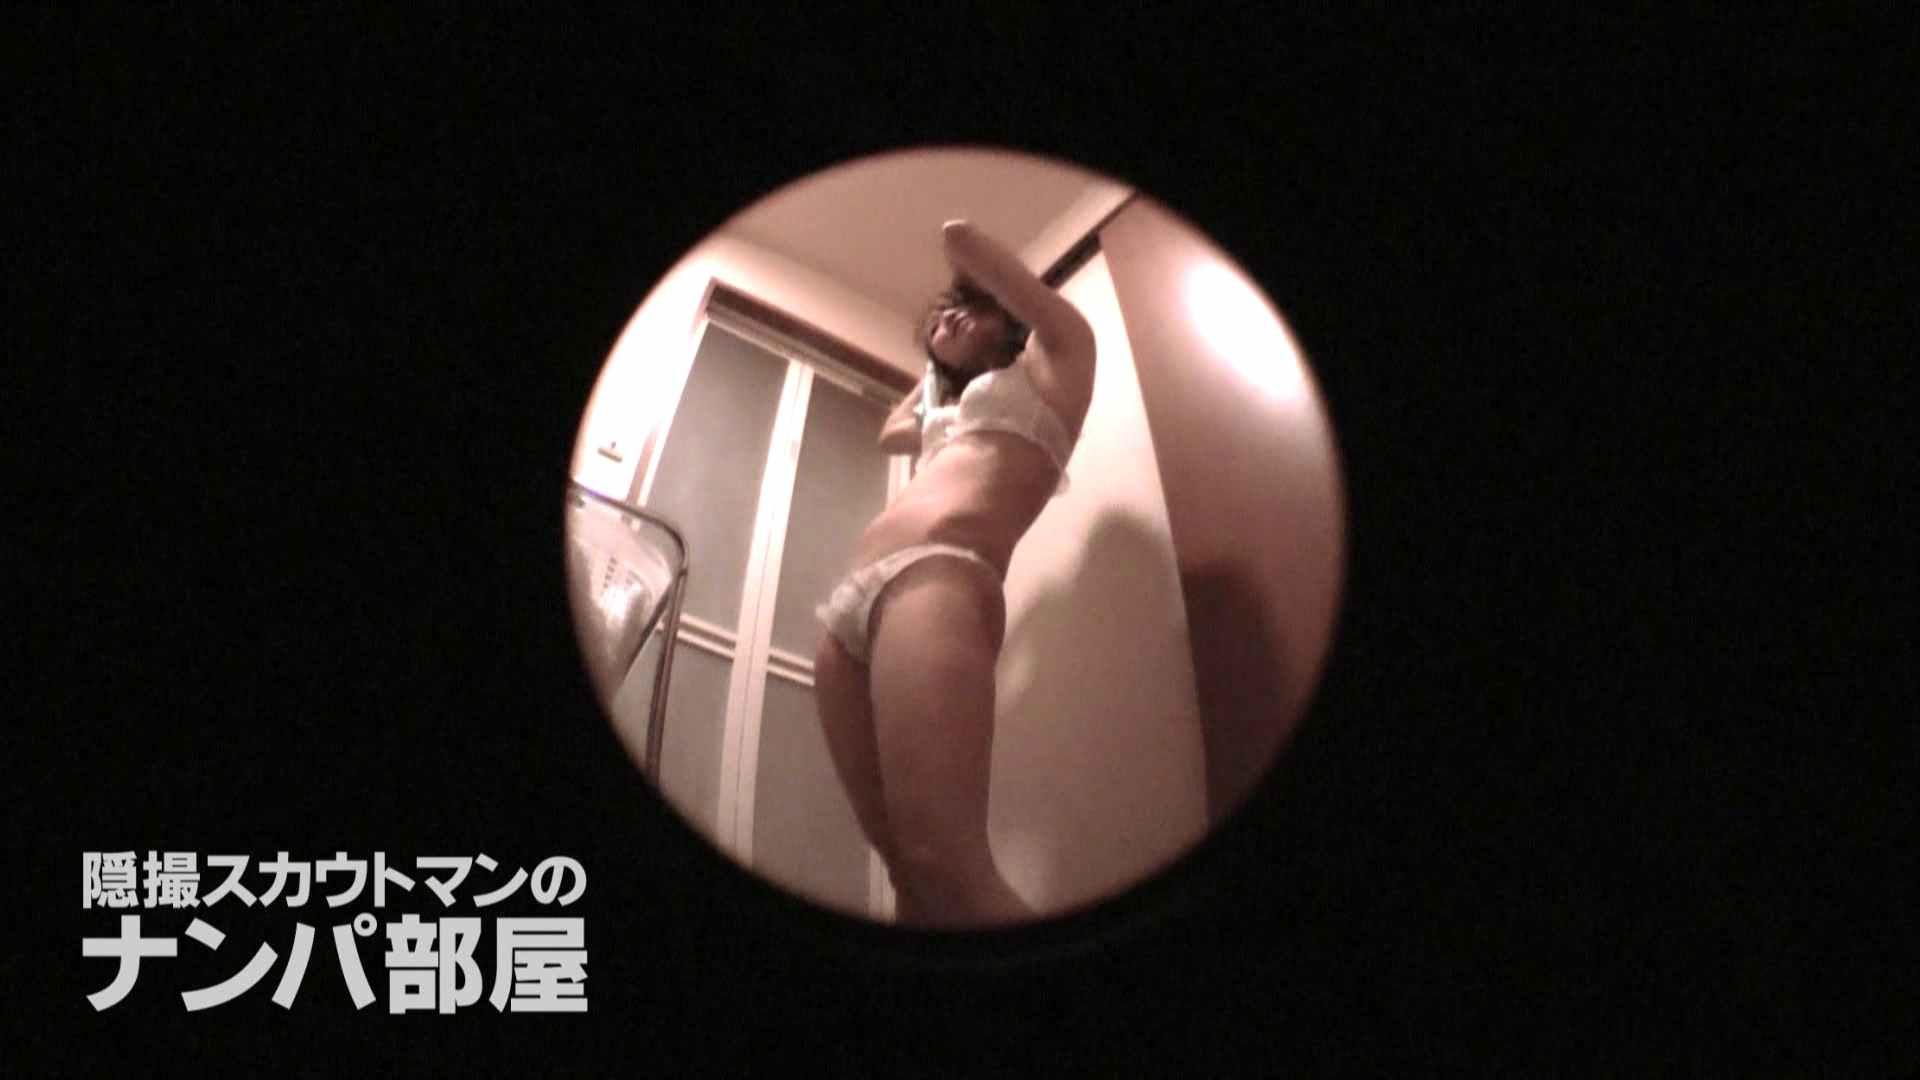 隠撮スカウトマンのナンパ部屋~風俗デビュー前のつまみ食い~ siivol.4 0 | 中出し  57PIX 21